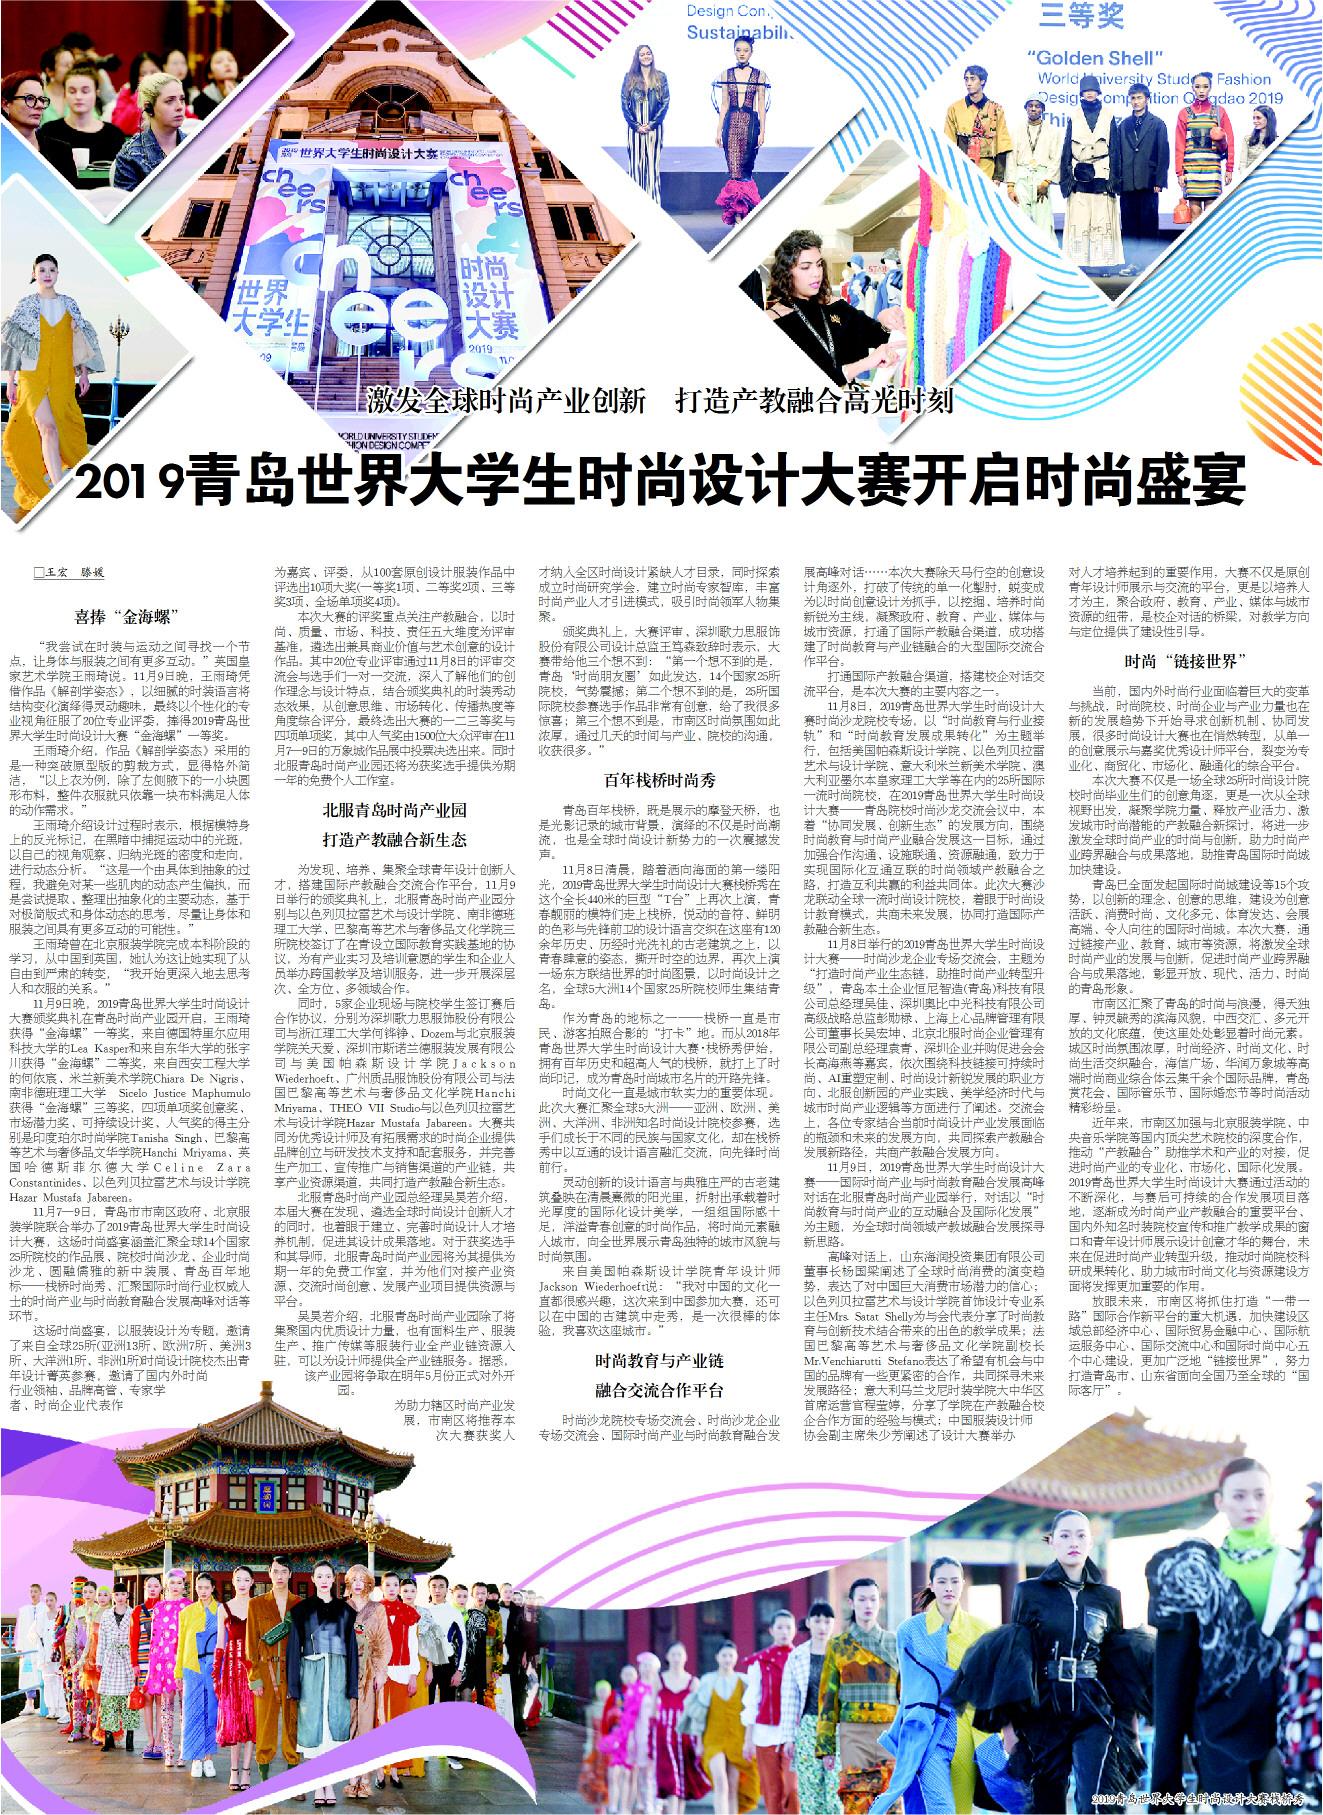 海军陆战队头�_2019青岛世界大学生时尚设计大赛开启时尚盛宴